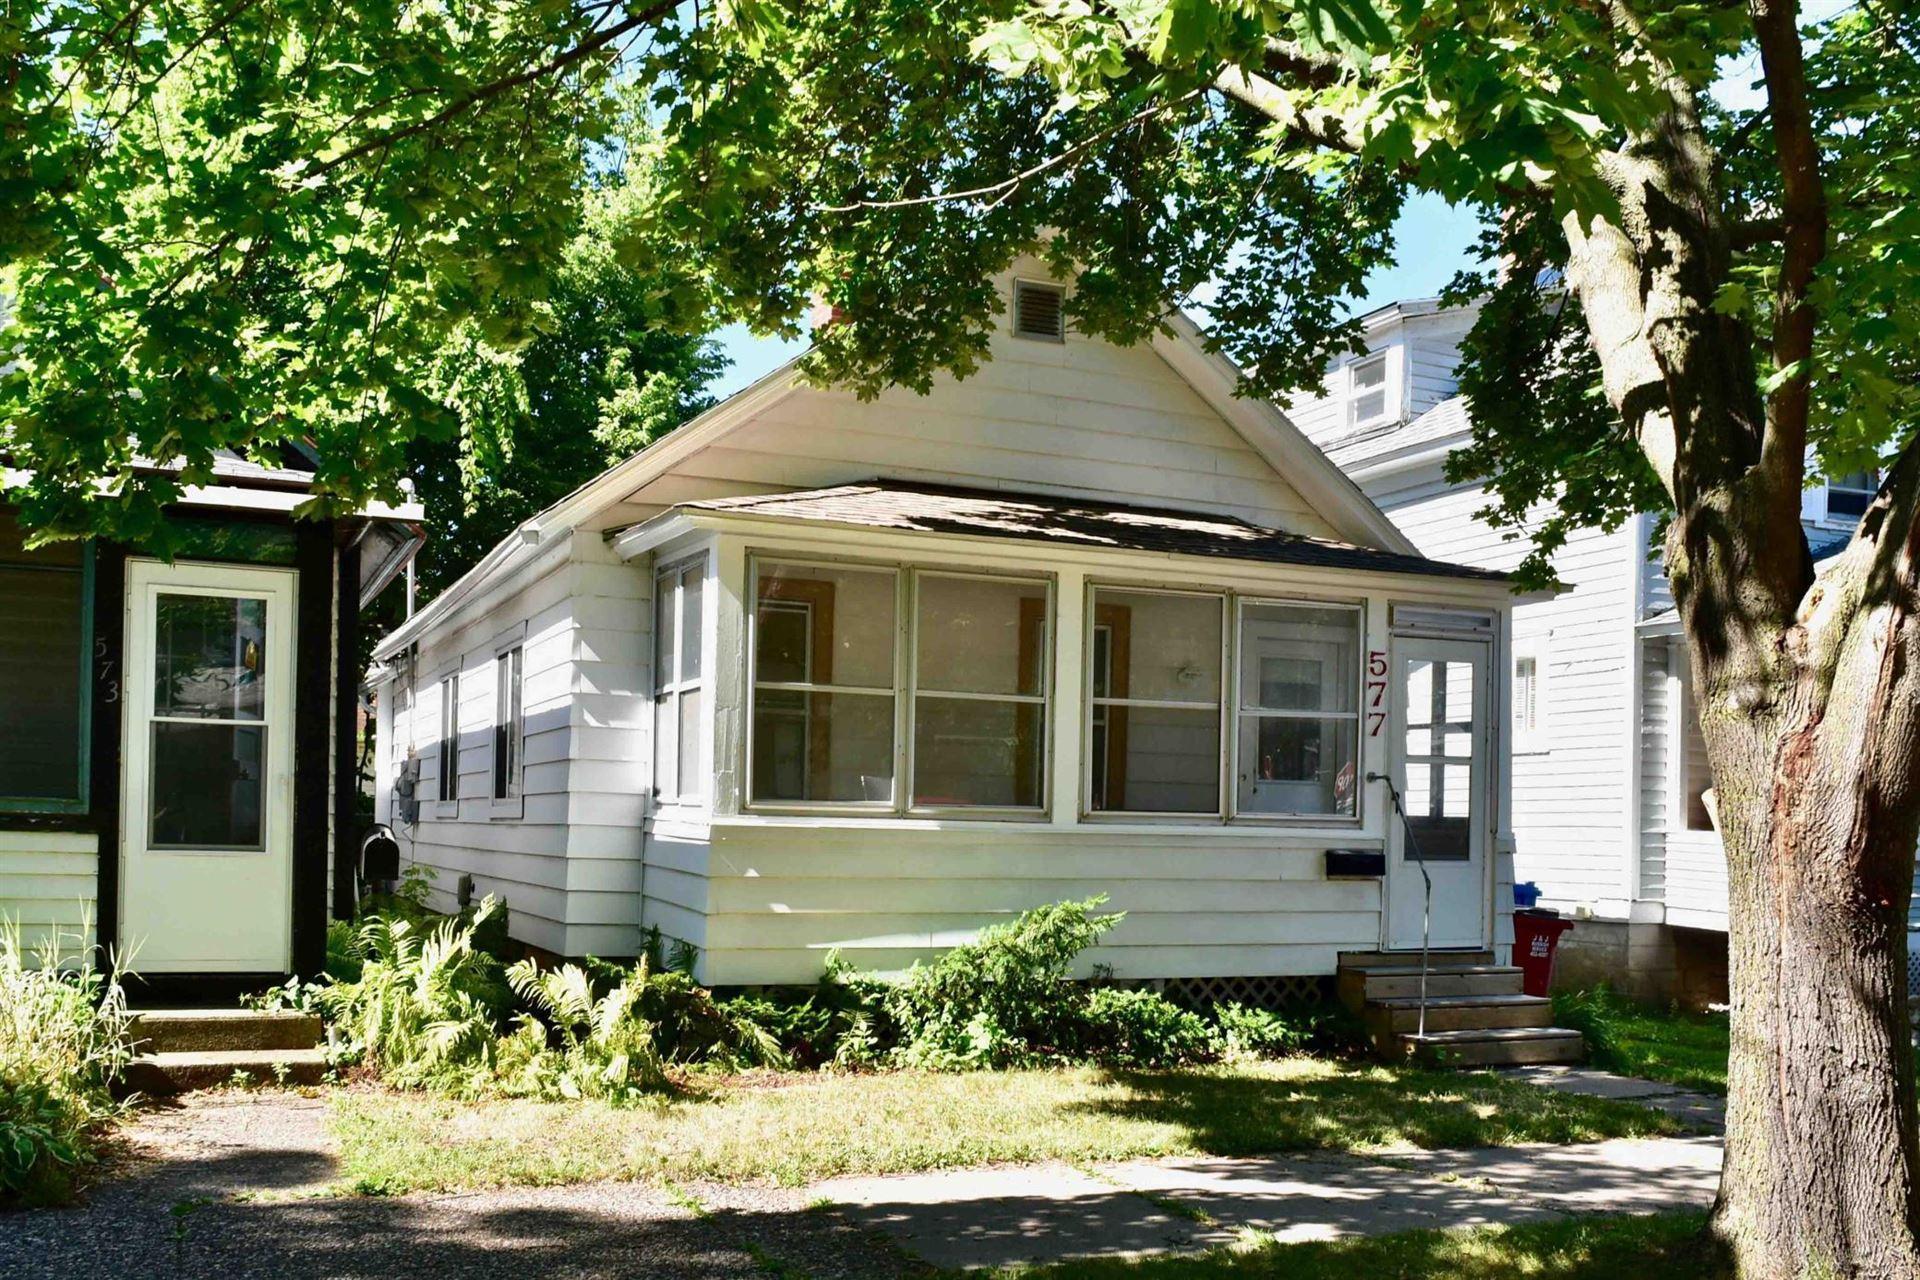 577 W Sanborn Street, Winona, MN 55987 - MLS#: 5630311